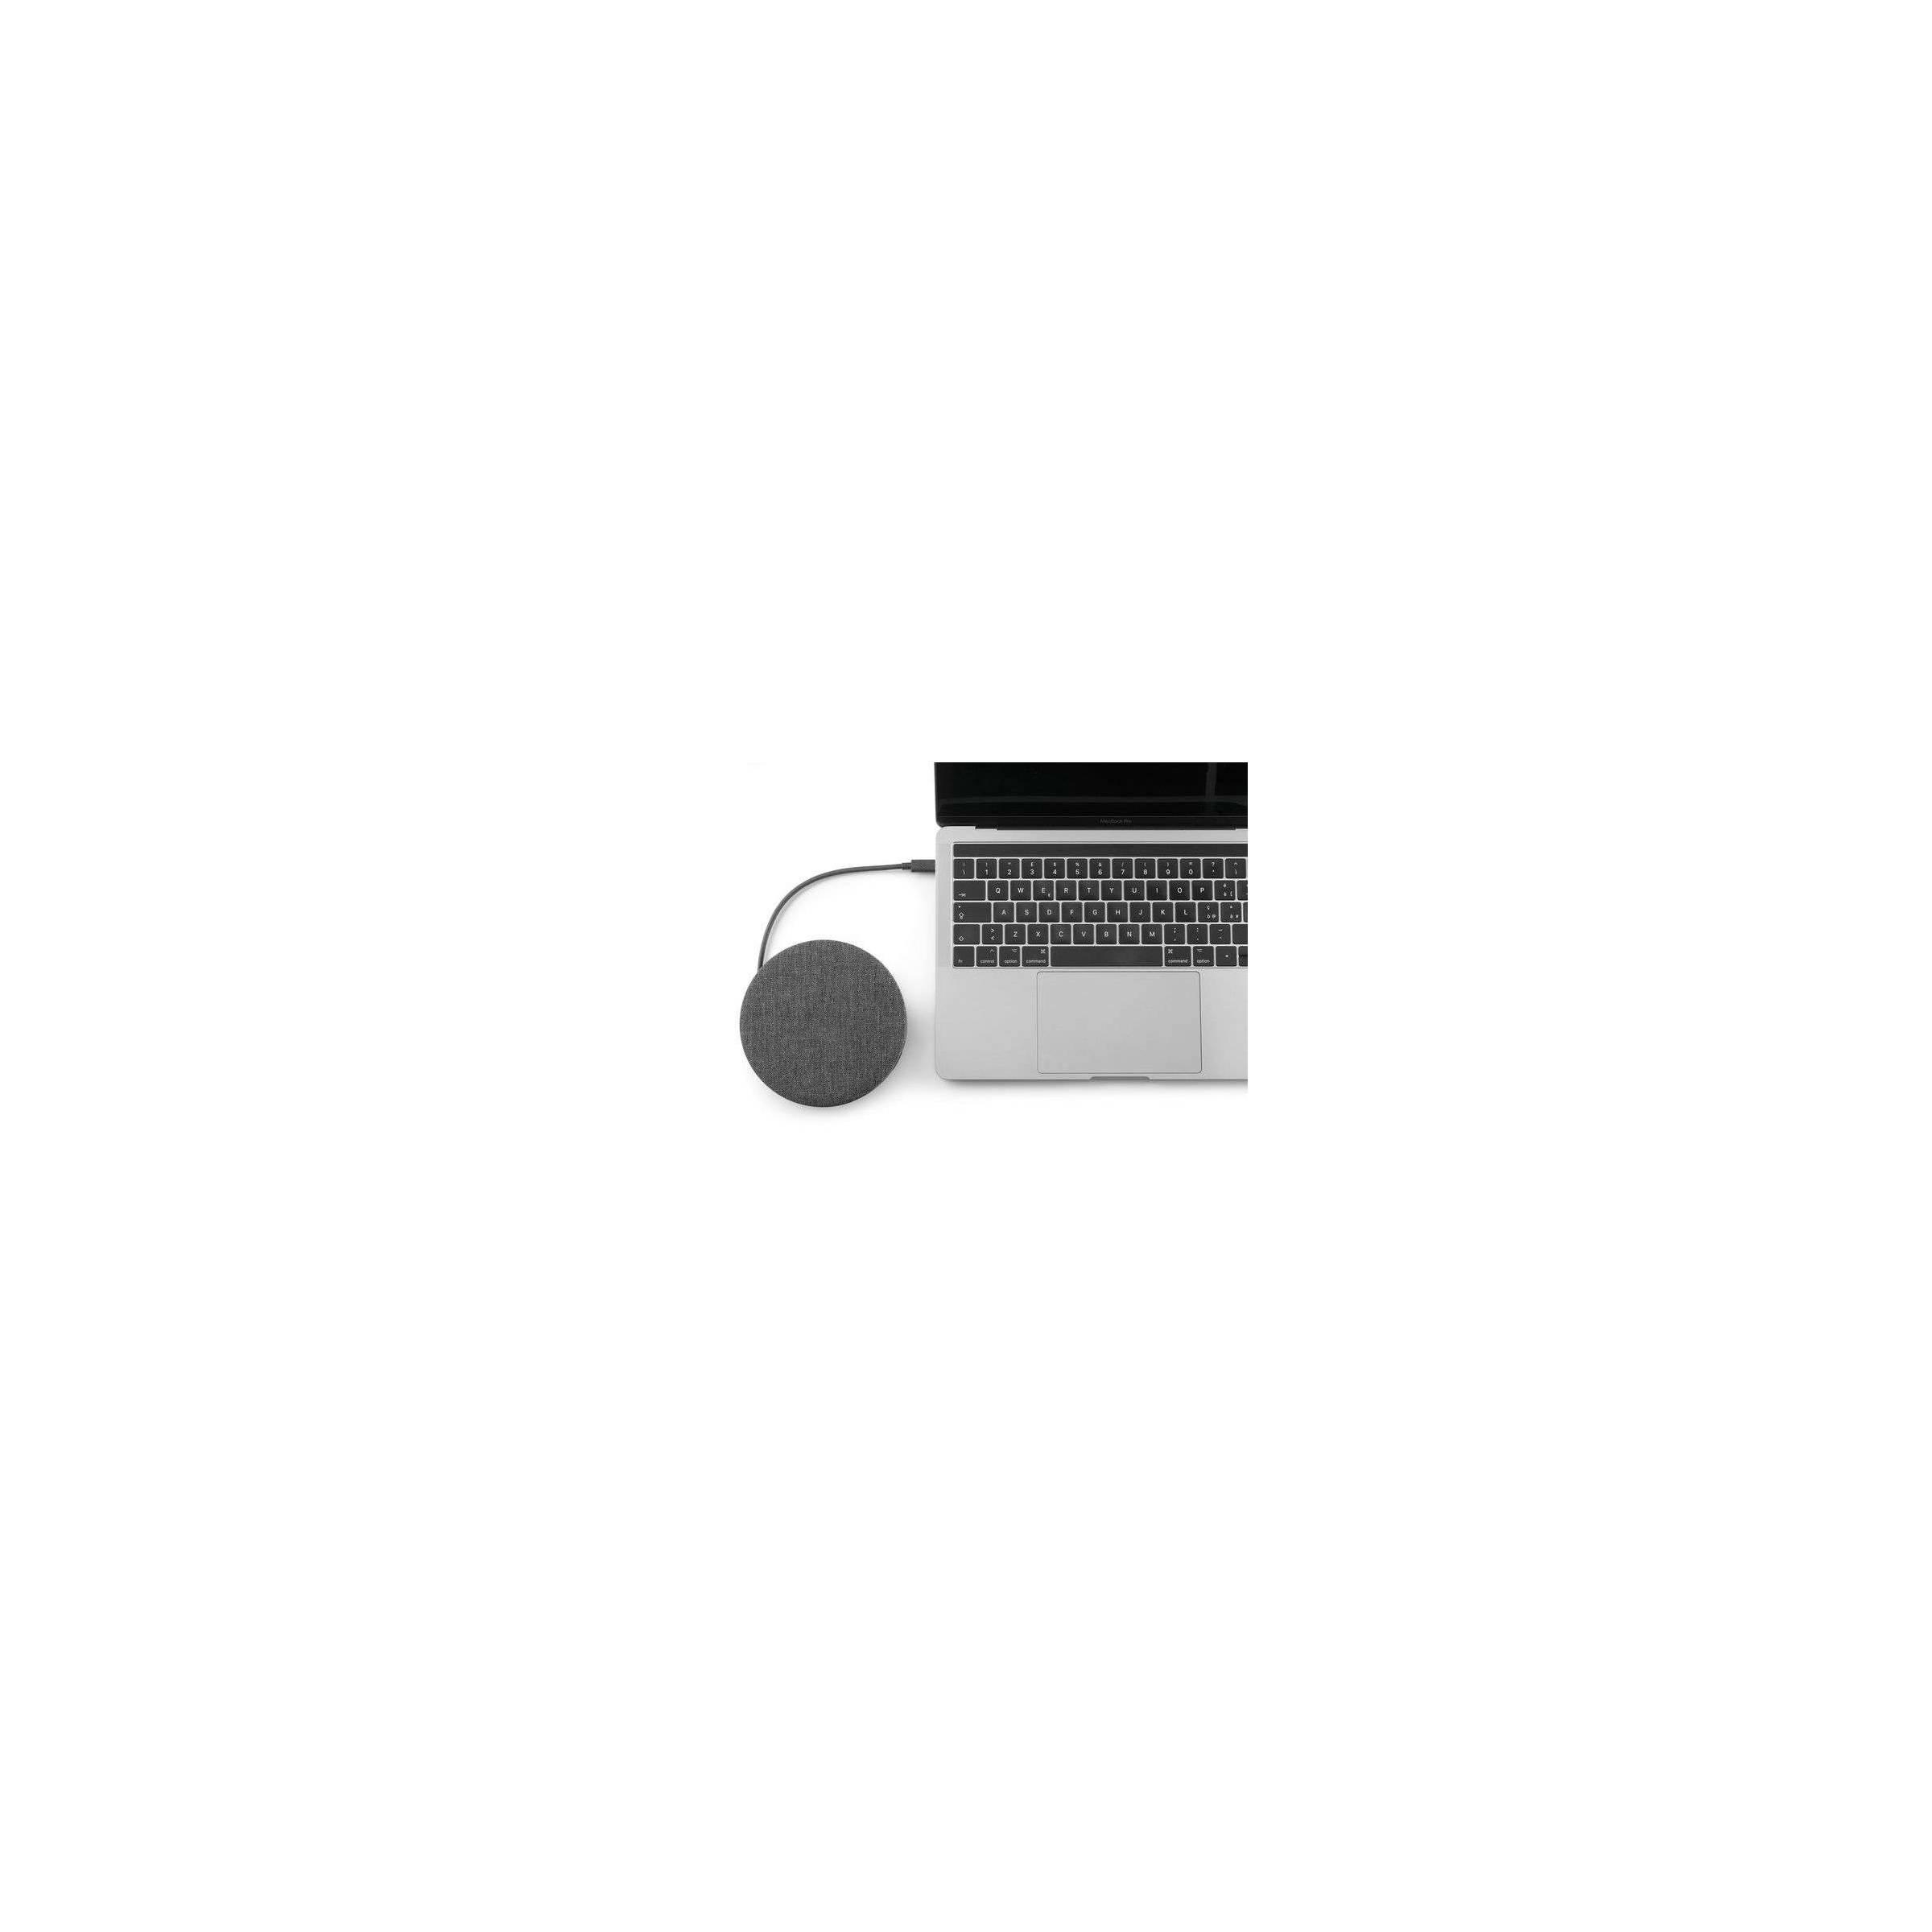 Aiino airhub usb-c 11 i 1 dock (hdmi, vga, rj45, mini jack, sd, usb3, usb-c) fra aiino på mackabler.dk